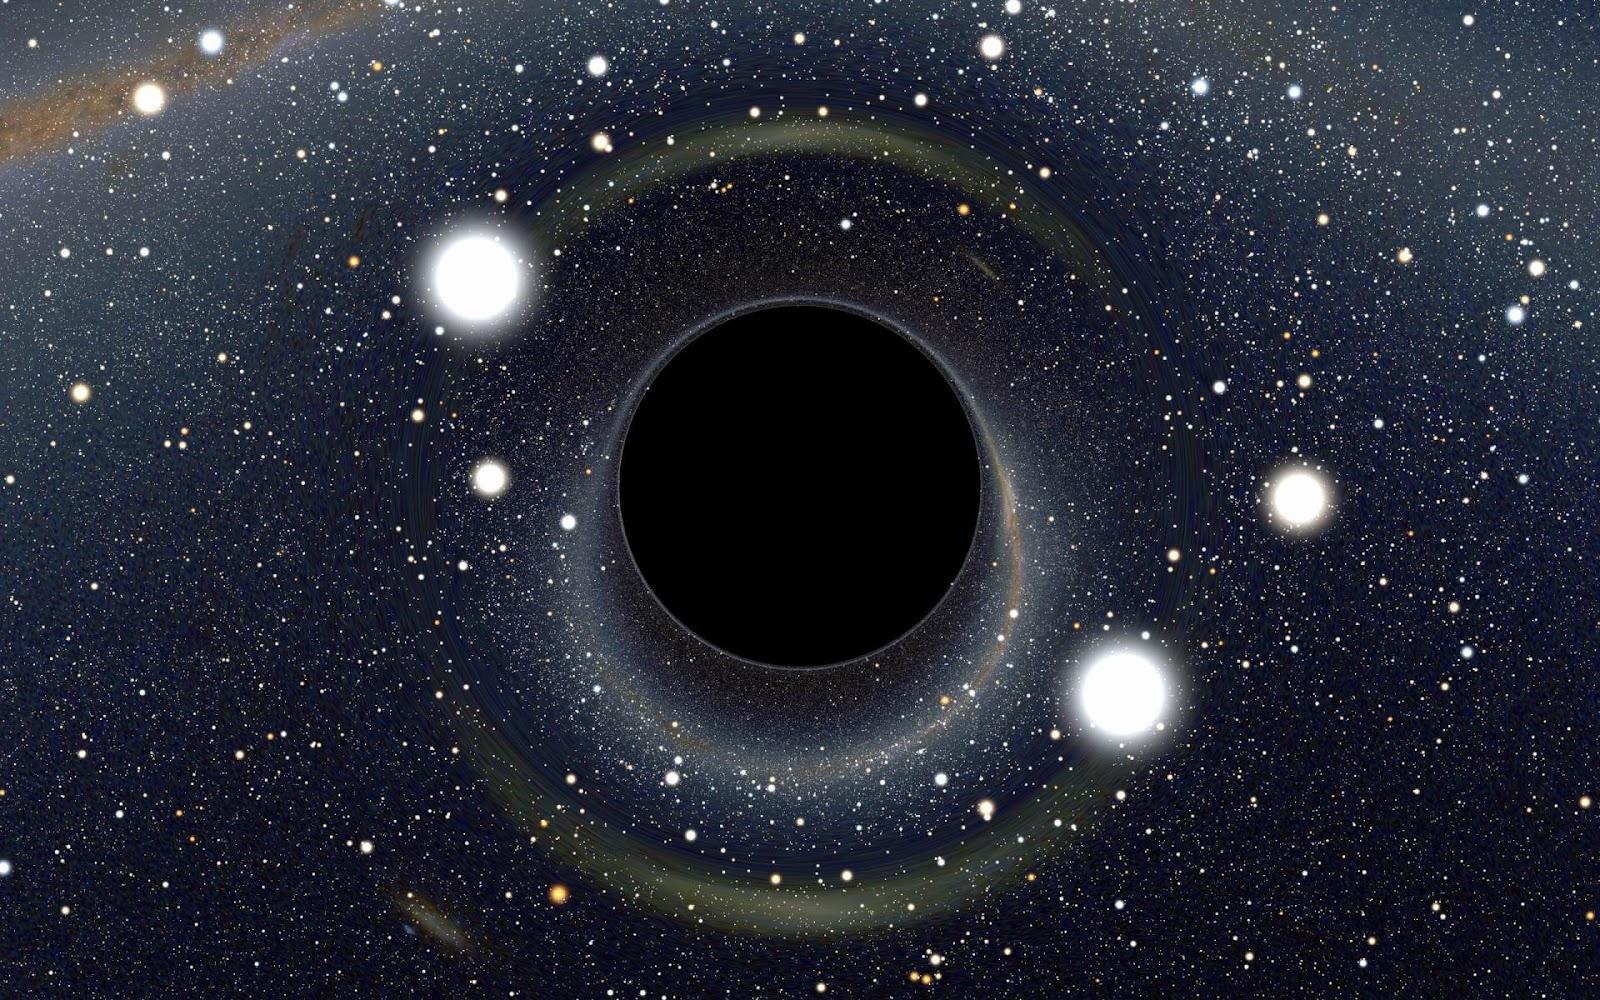 satellite images of black hole - photo #31